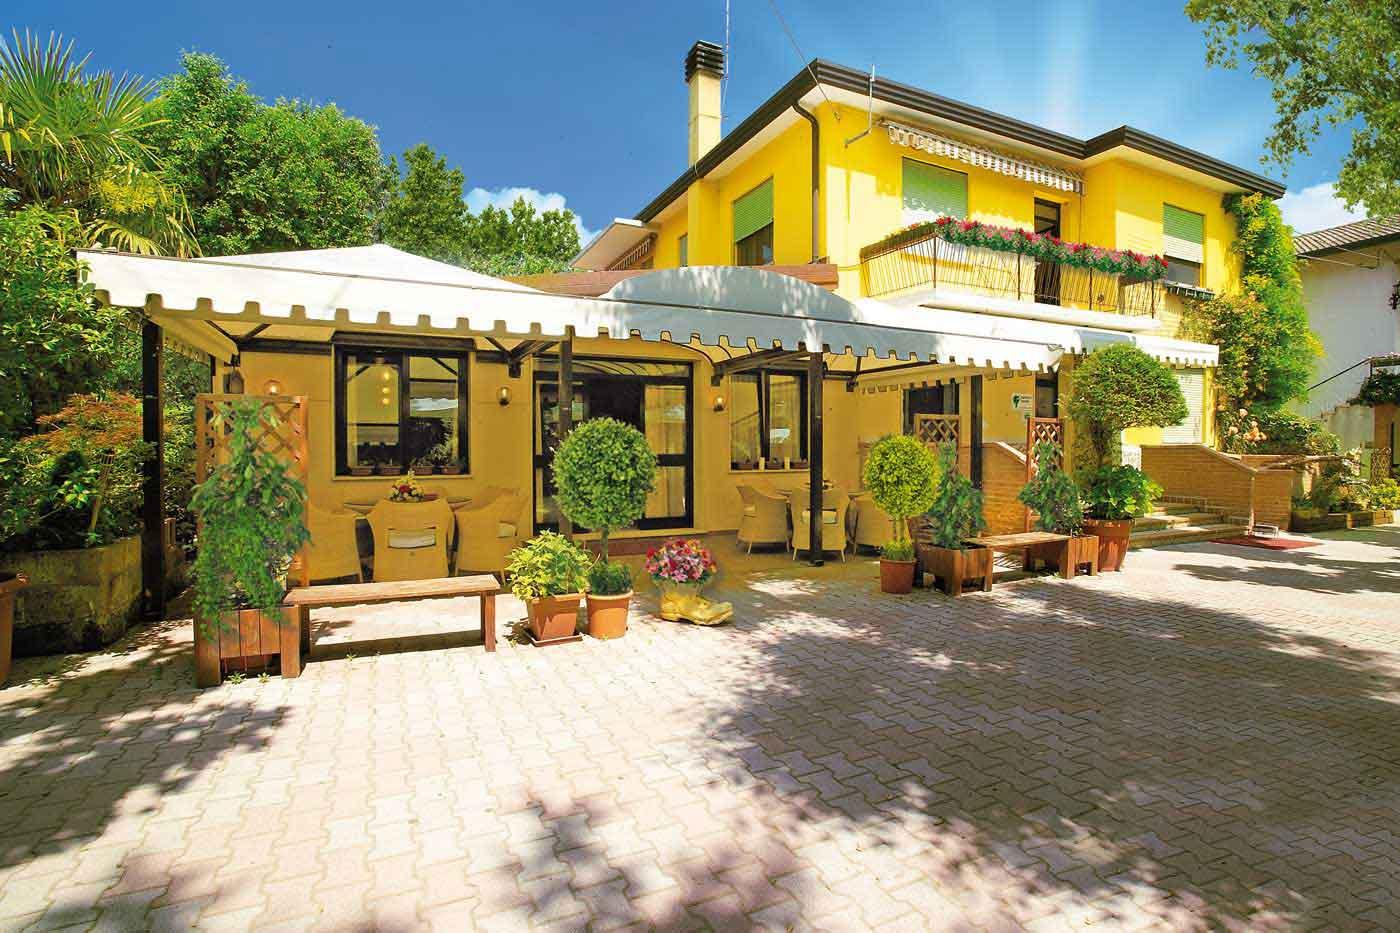 Locanda albergo Bed n Breakfast a Cavallino Treporti Venezia